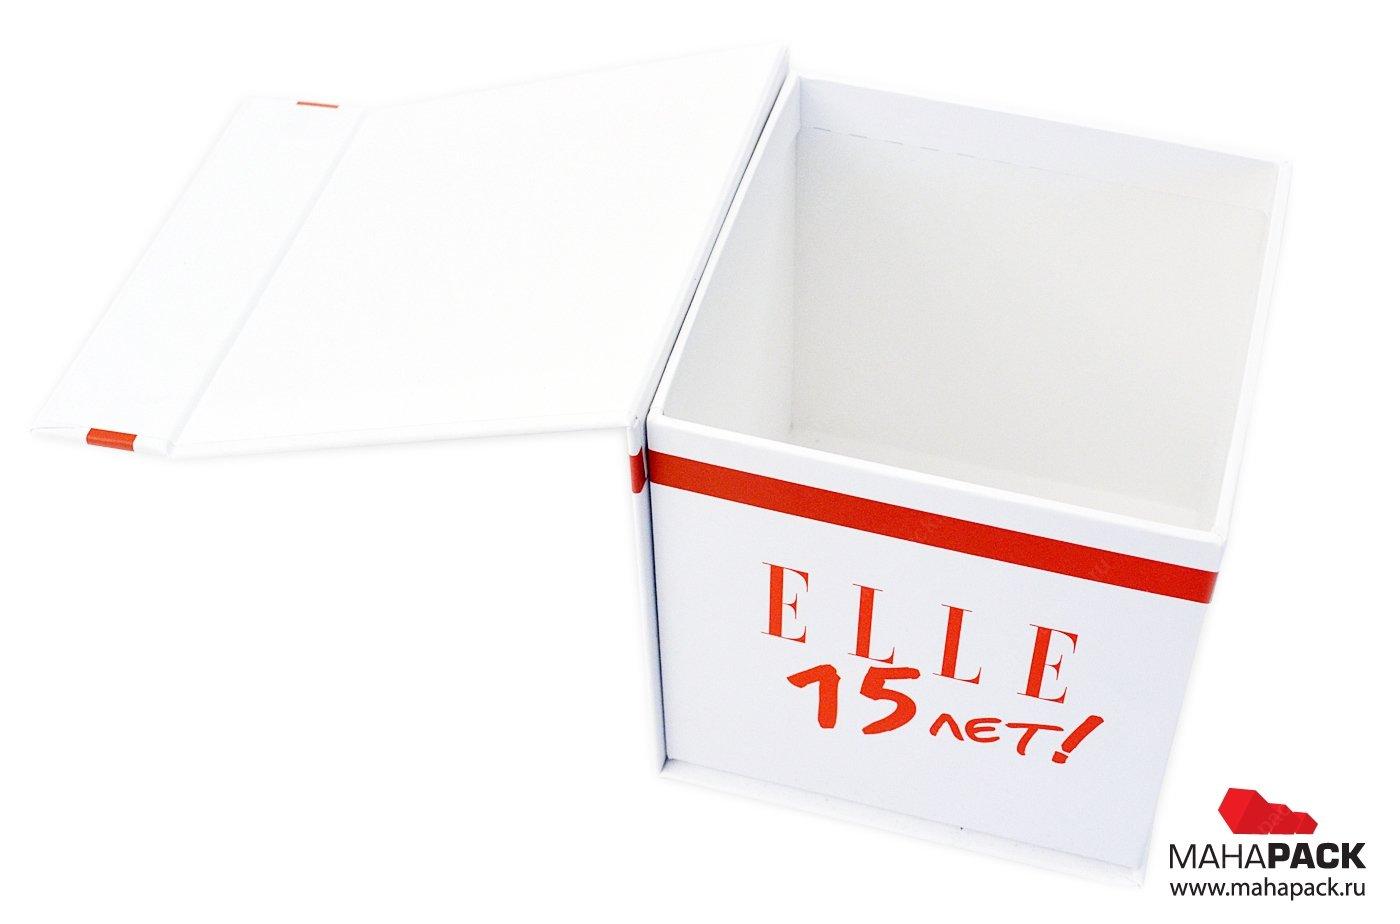 Эксклюзивная подарочная упаковка к юбилею компании